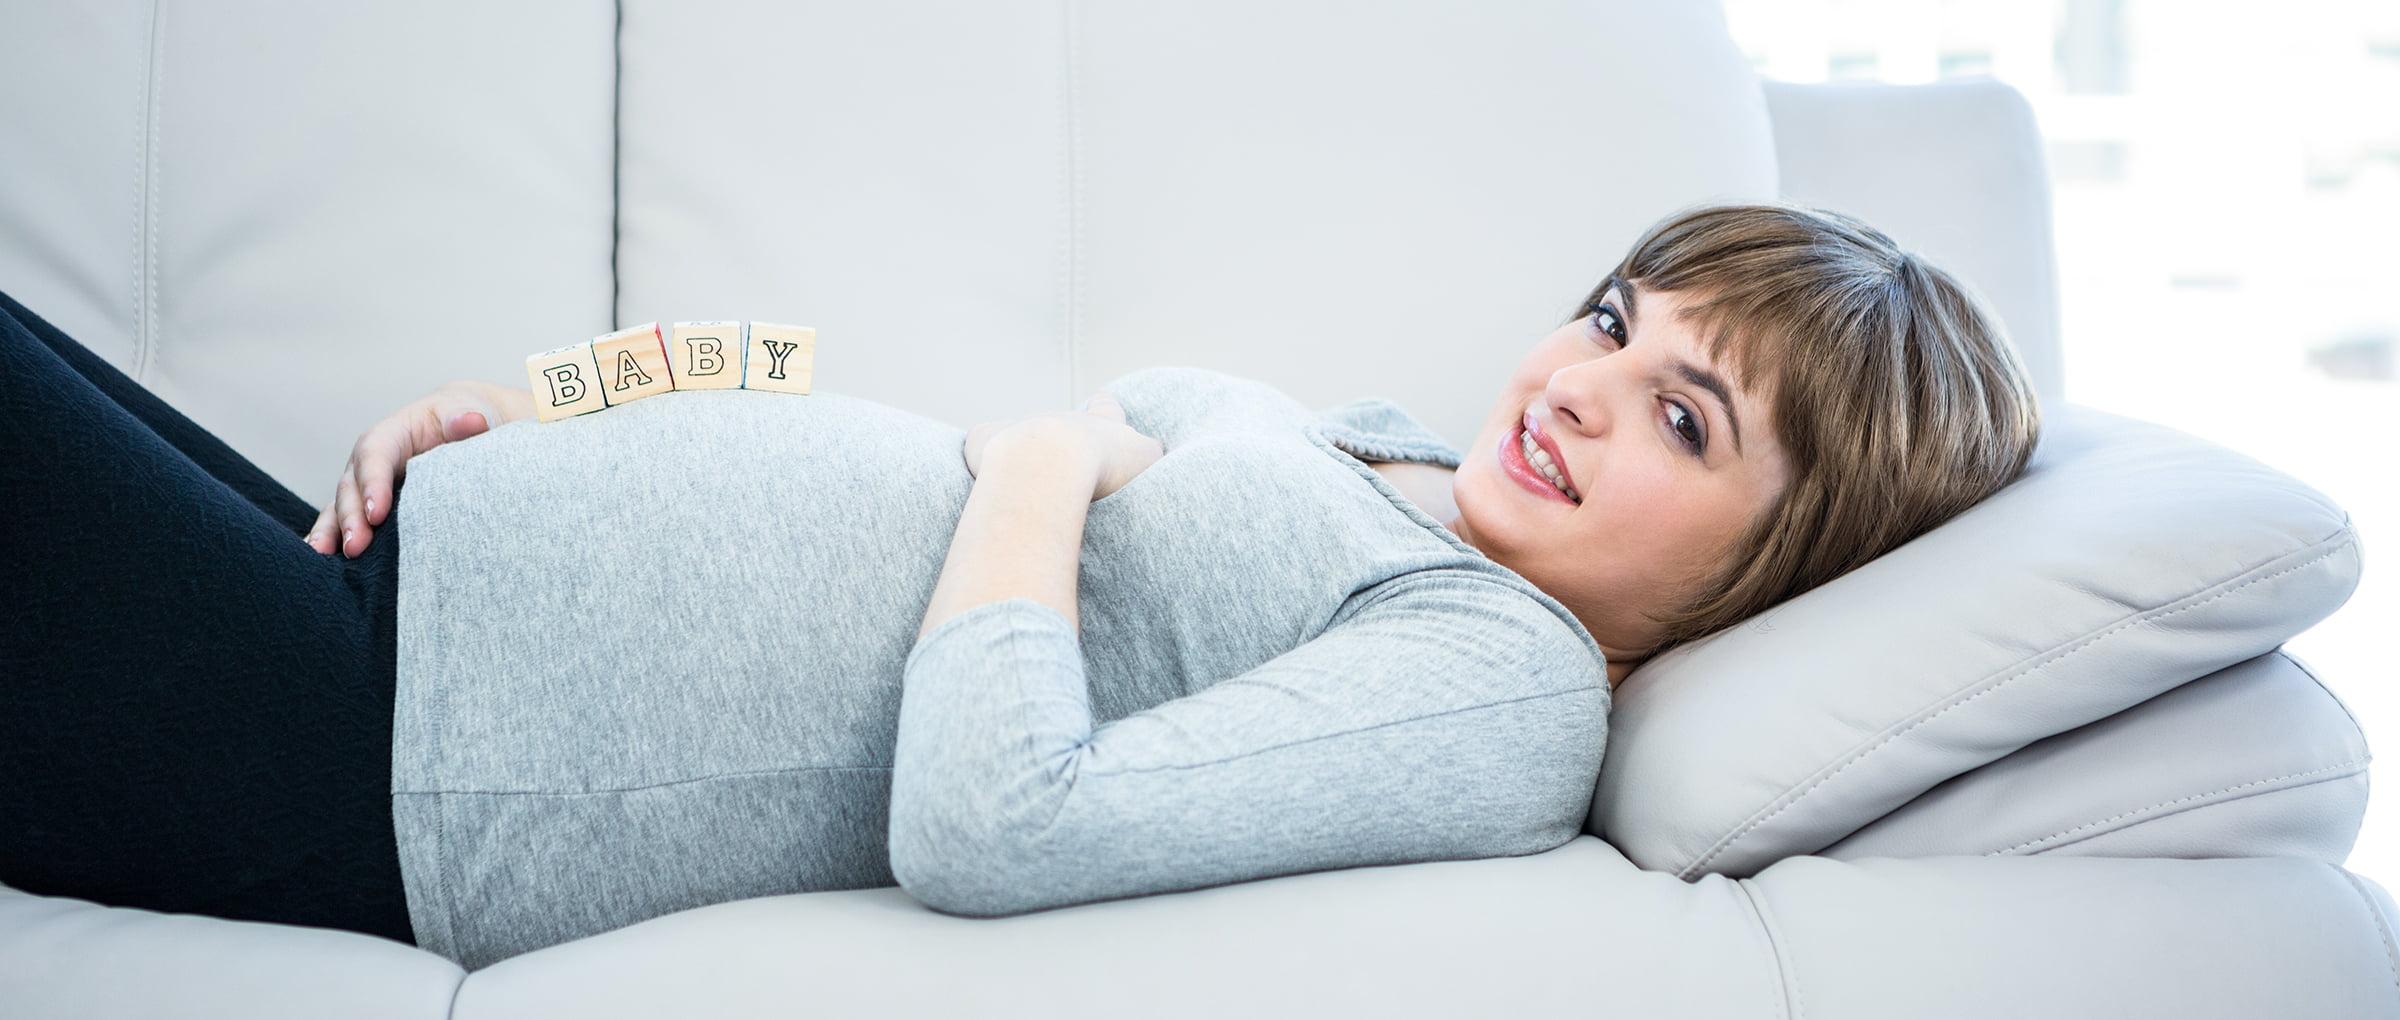 Le ventre de la femme enceinte commence à se voir